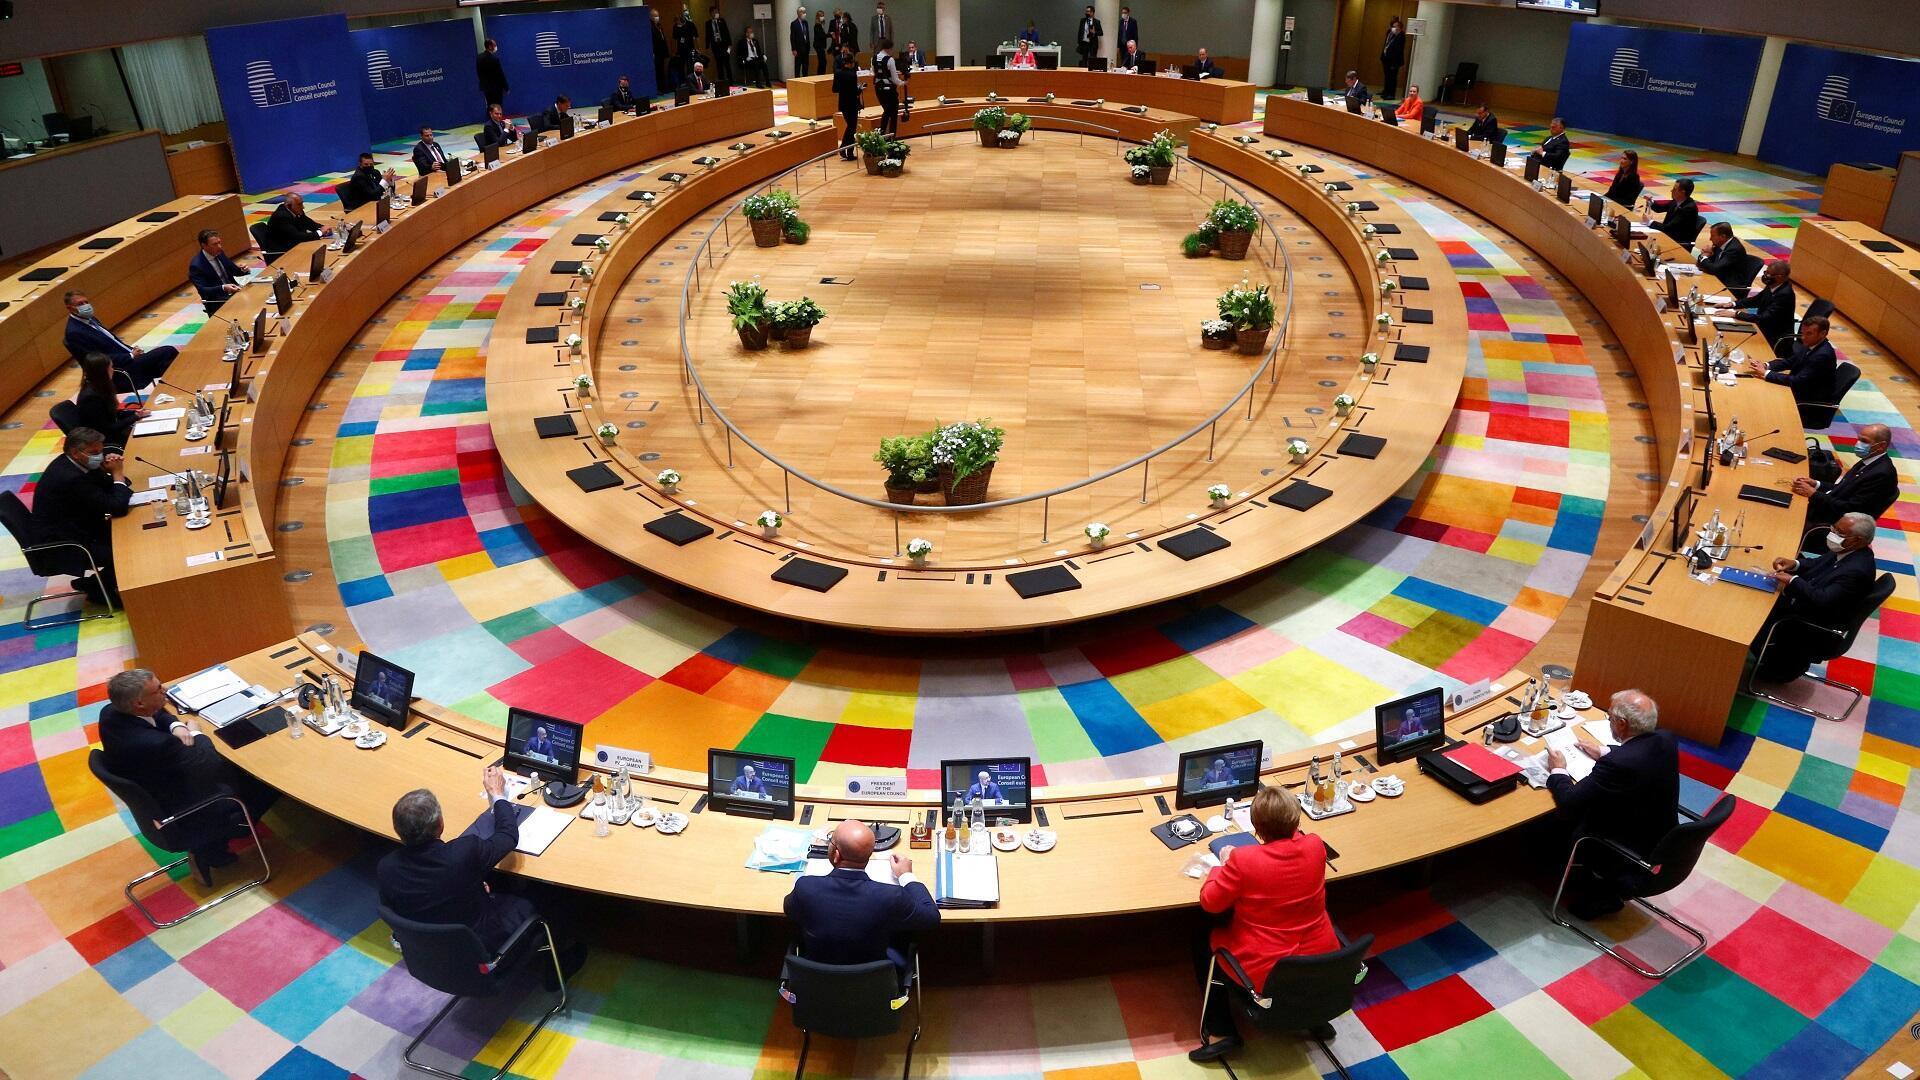 اجتماع لقادة دول الاتحاد الأوروبي، 17 يوليو/تموز 2020.